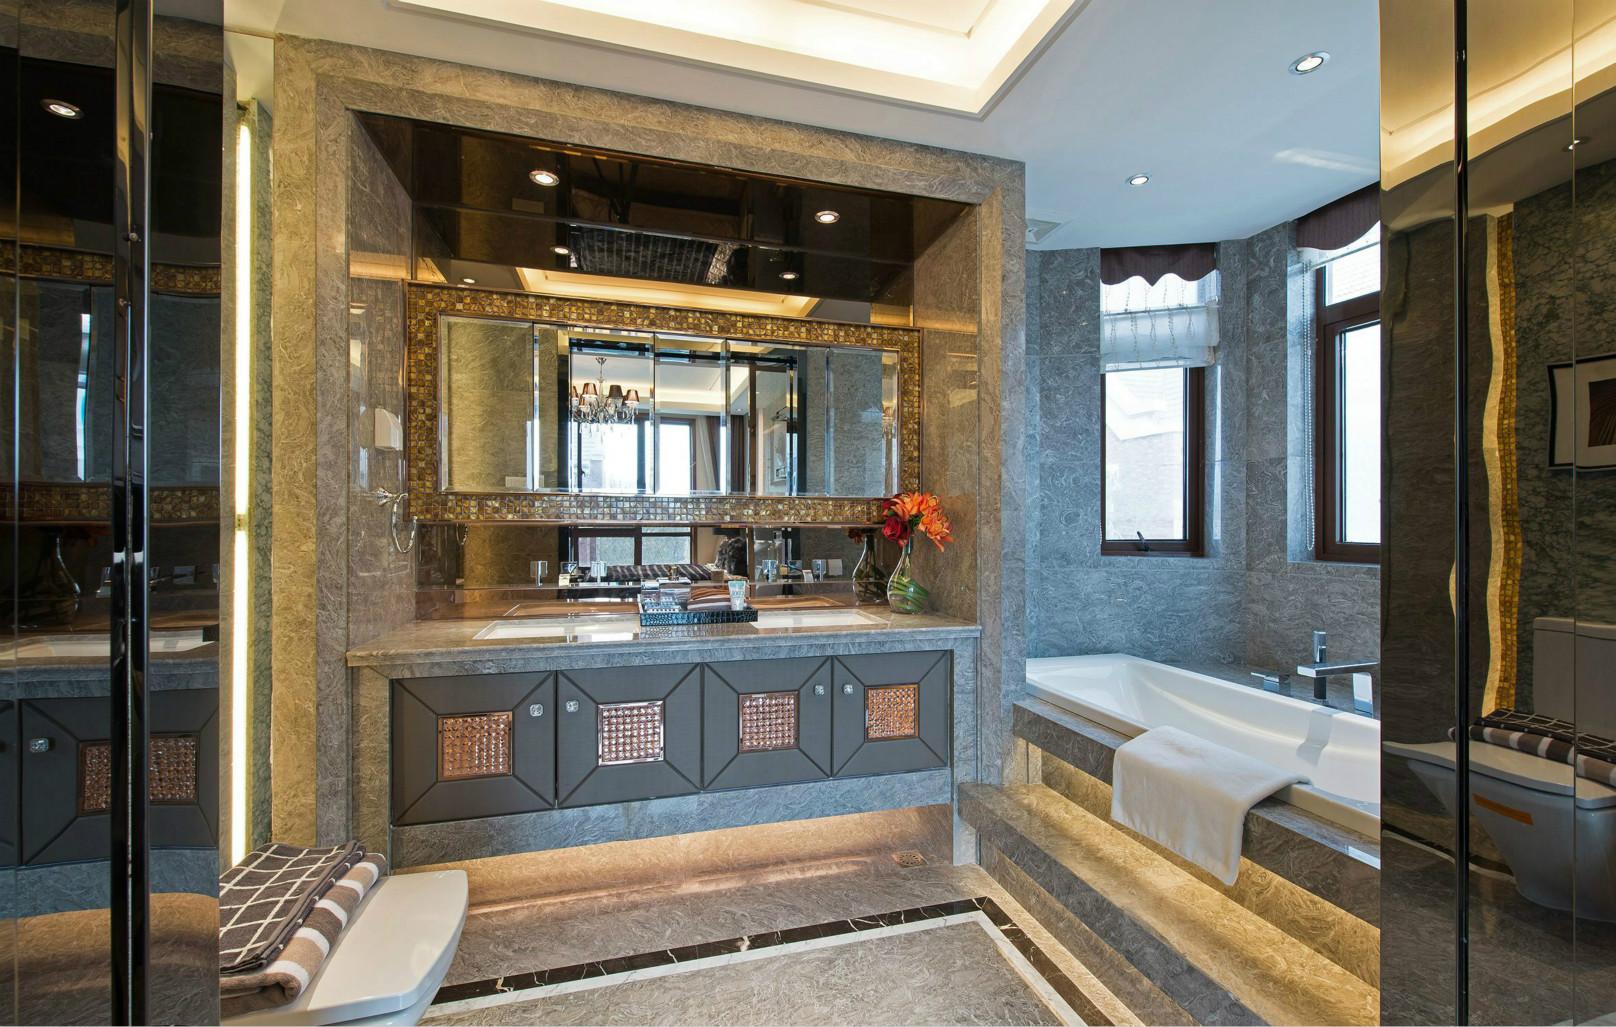 卫生间洗手台背景墙砖巧妙的设计,感觉很温暖很有情调。